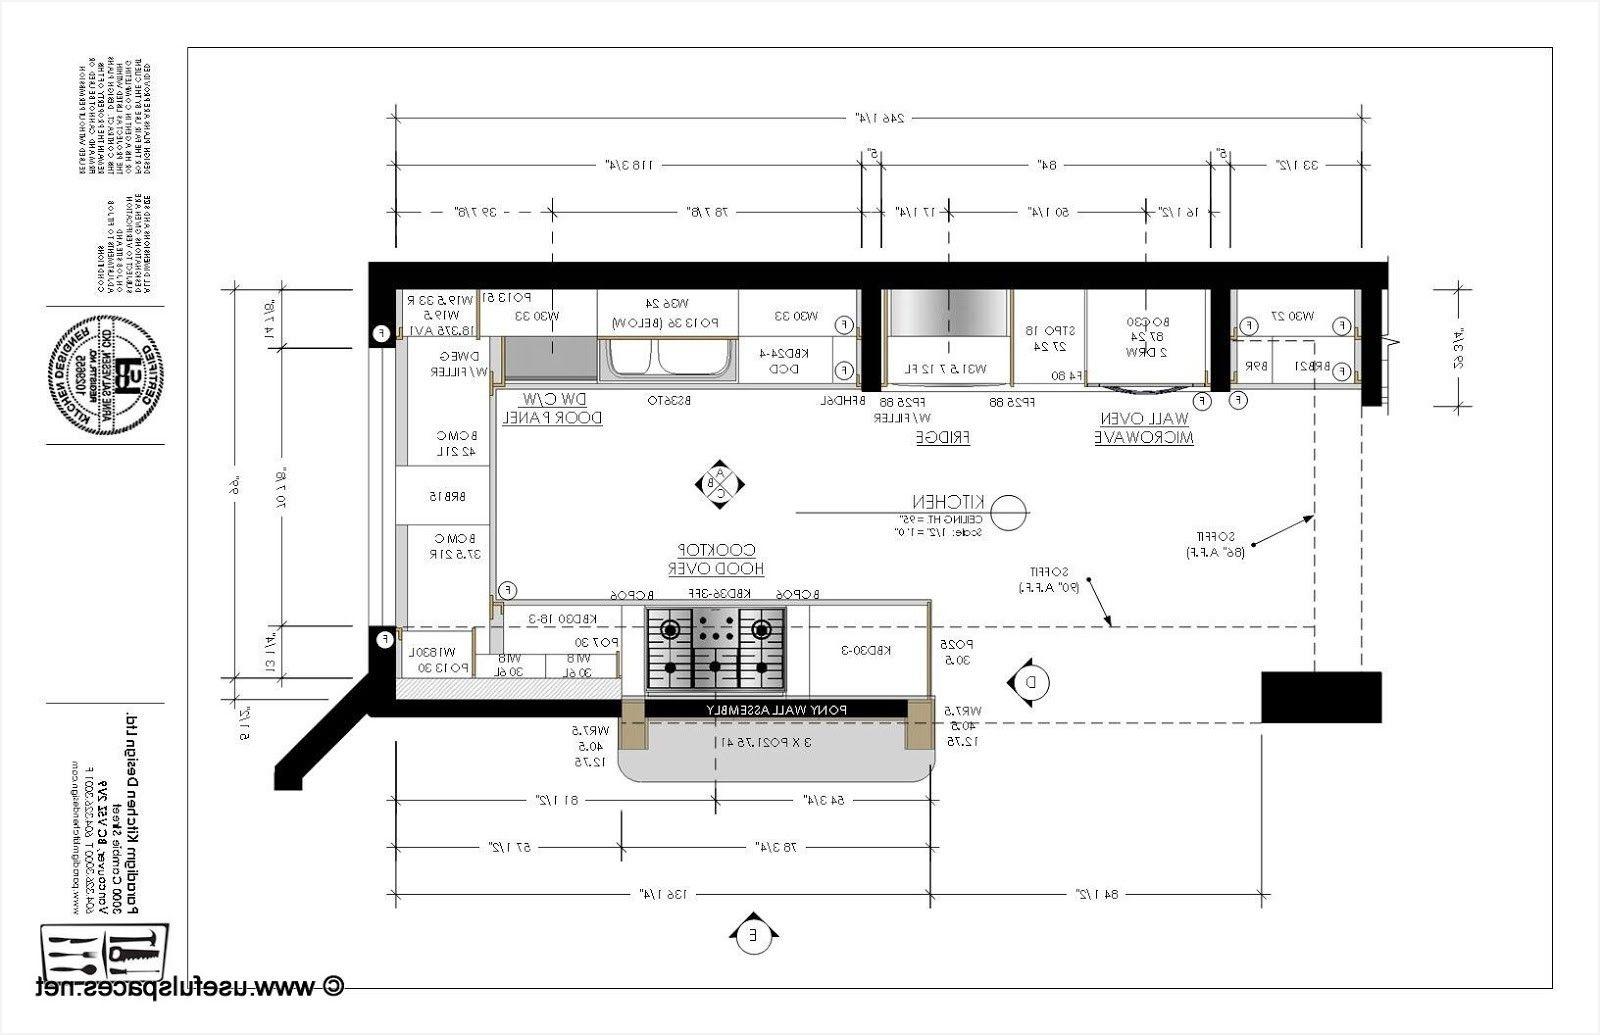 medium resolution of small restaurant kitchen layout awesome restaurant layout templates kitchen restaurant design